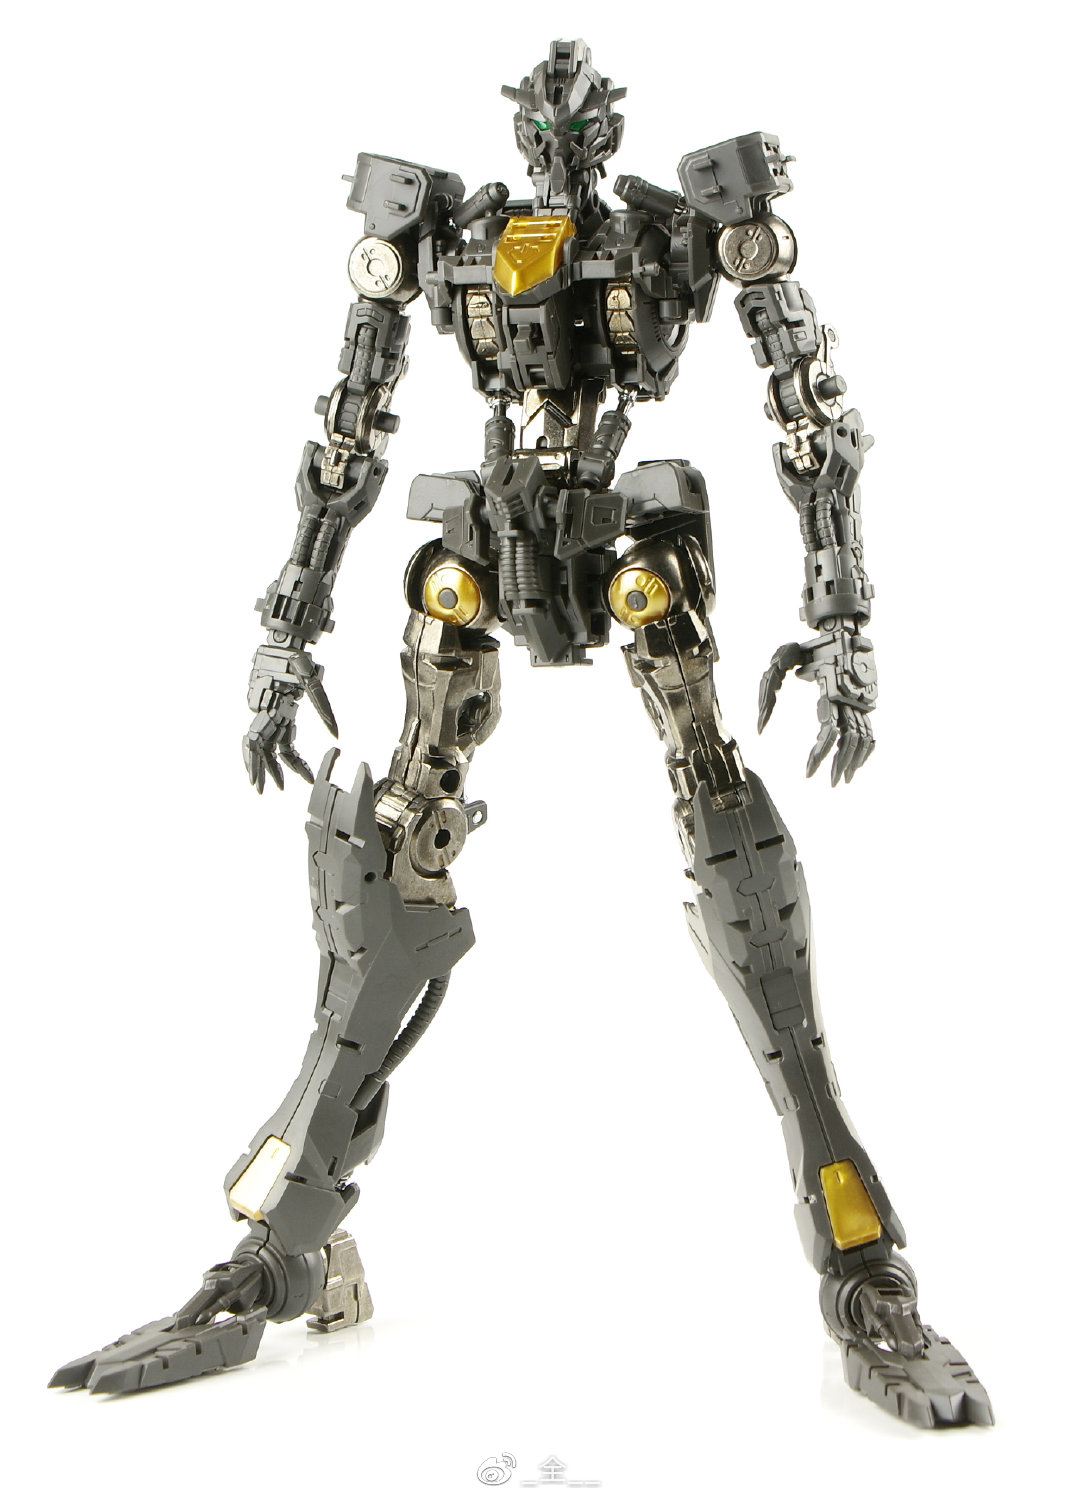 M103_mg_barbatos_metal_frame_parts_set_009_025.jpg